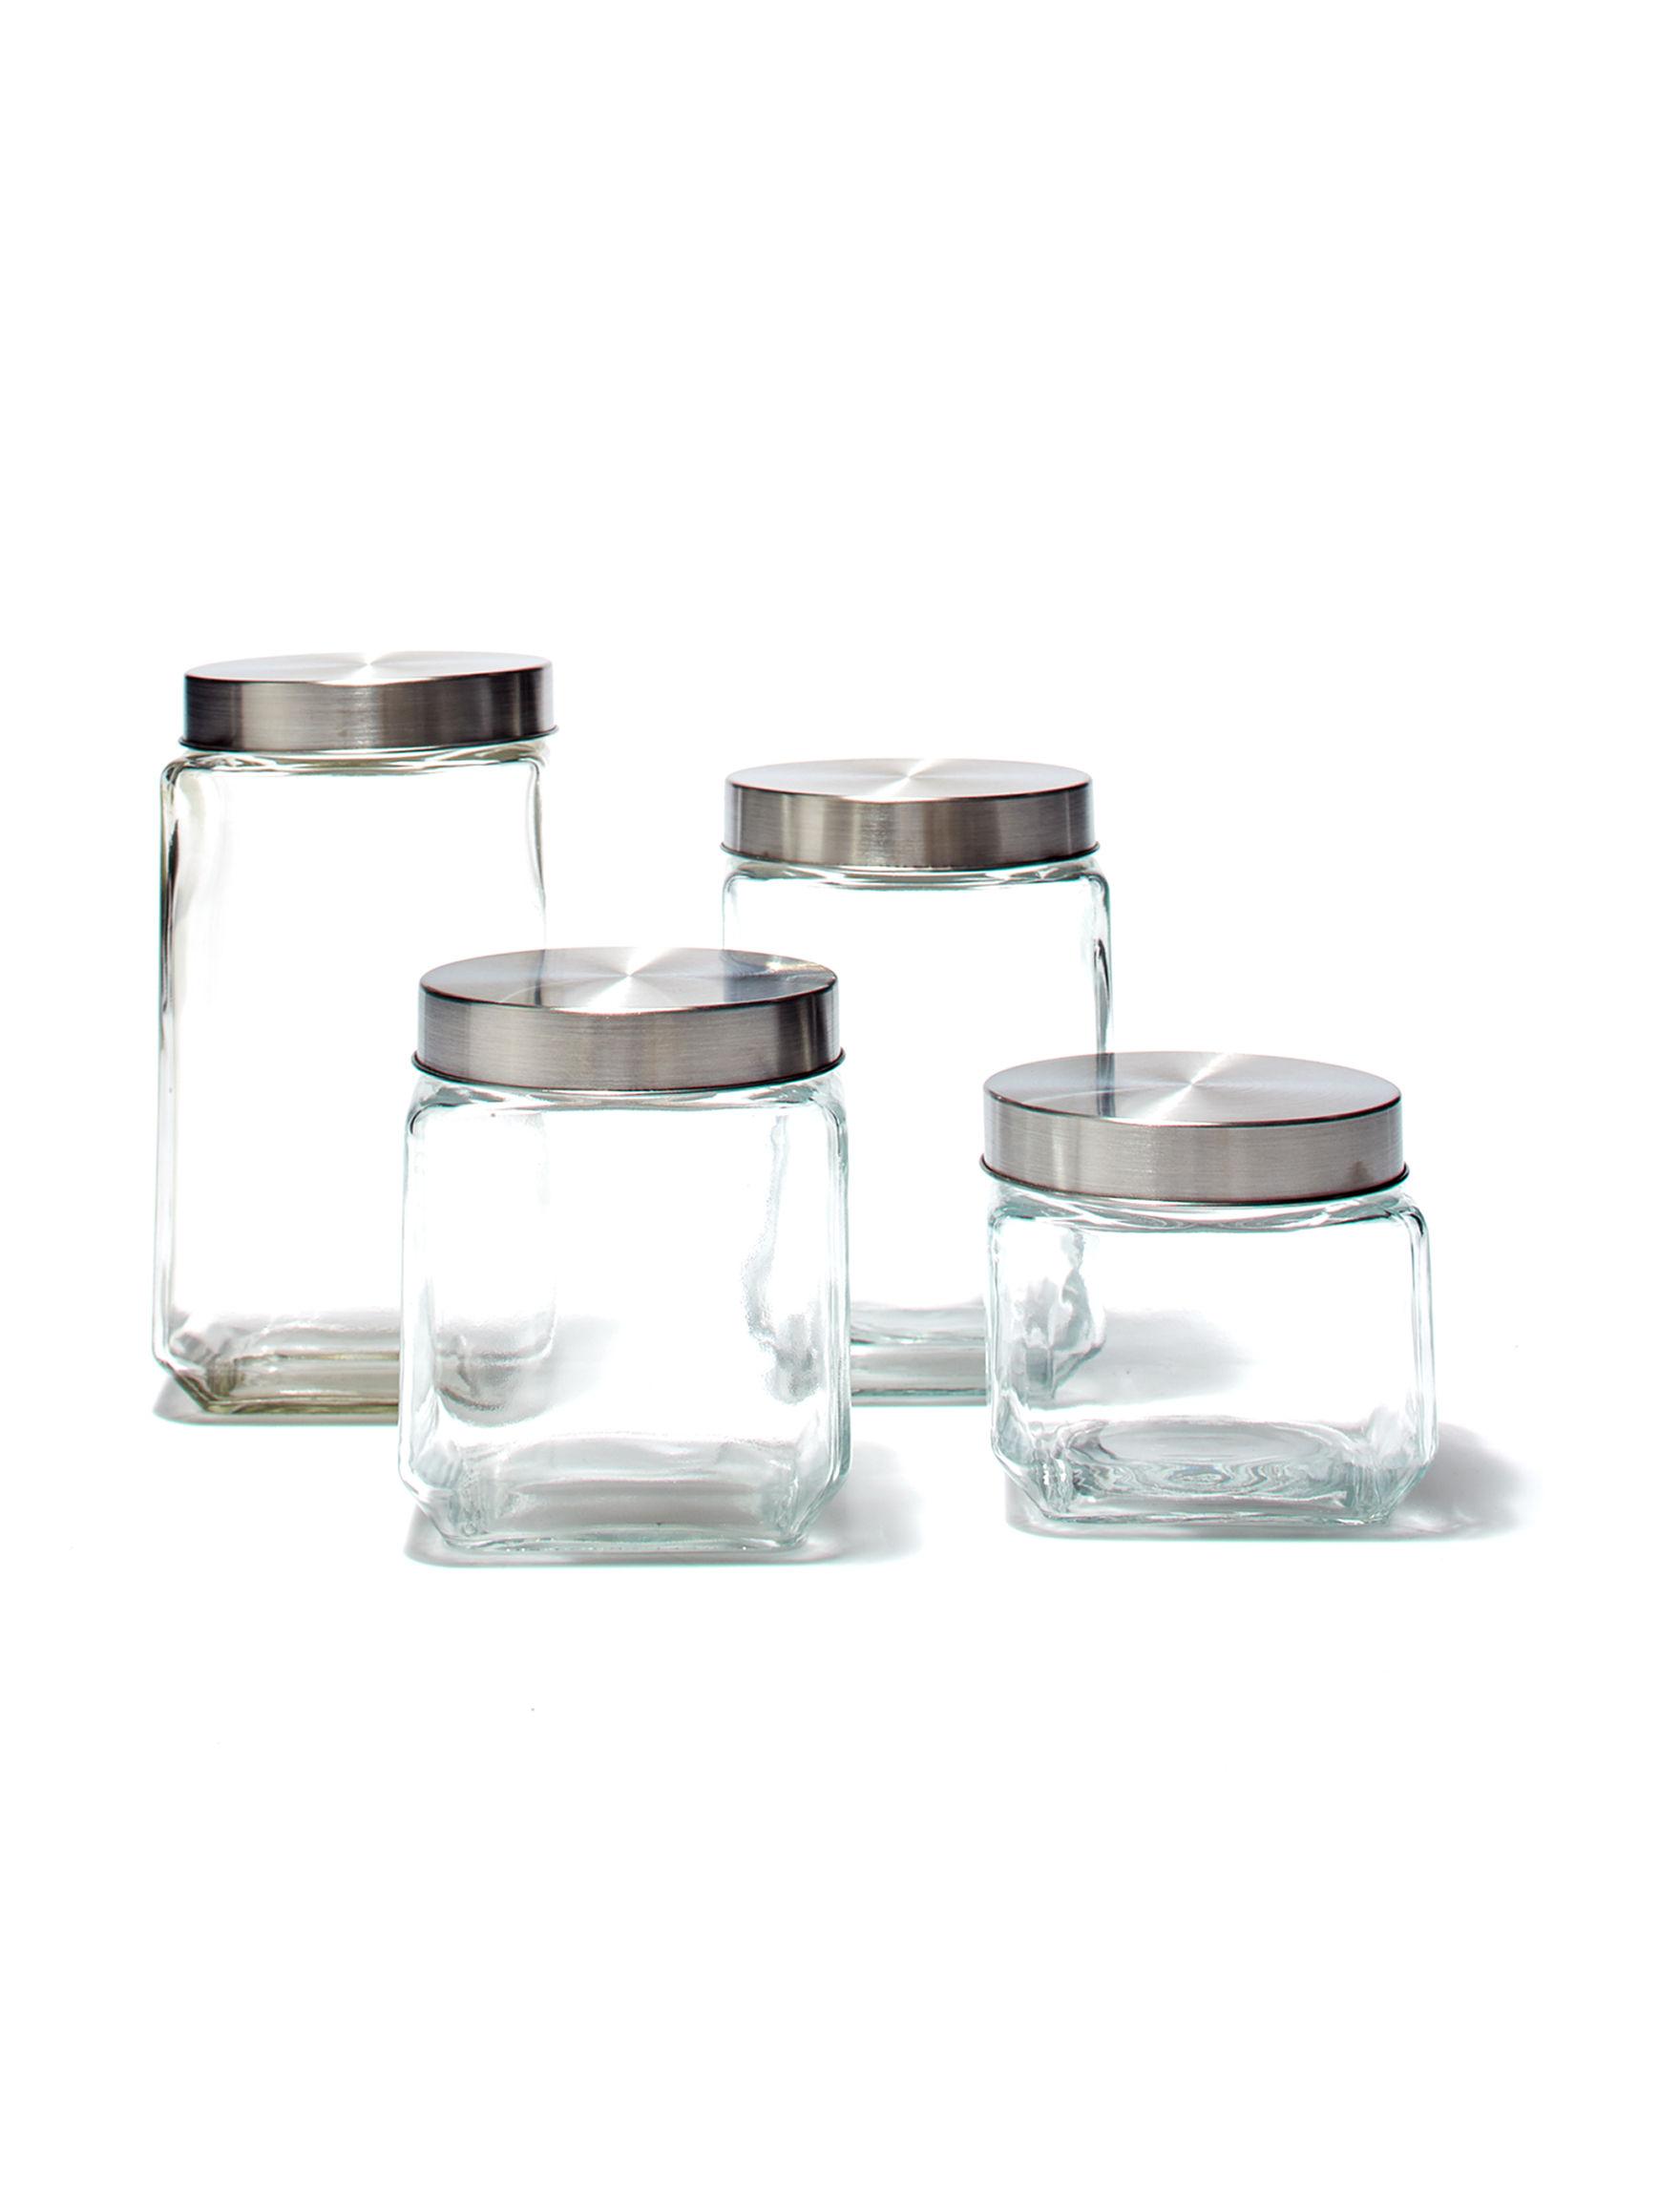 Home Basics Silver / Clear Food Storage Kitchen Storage & Organization